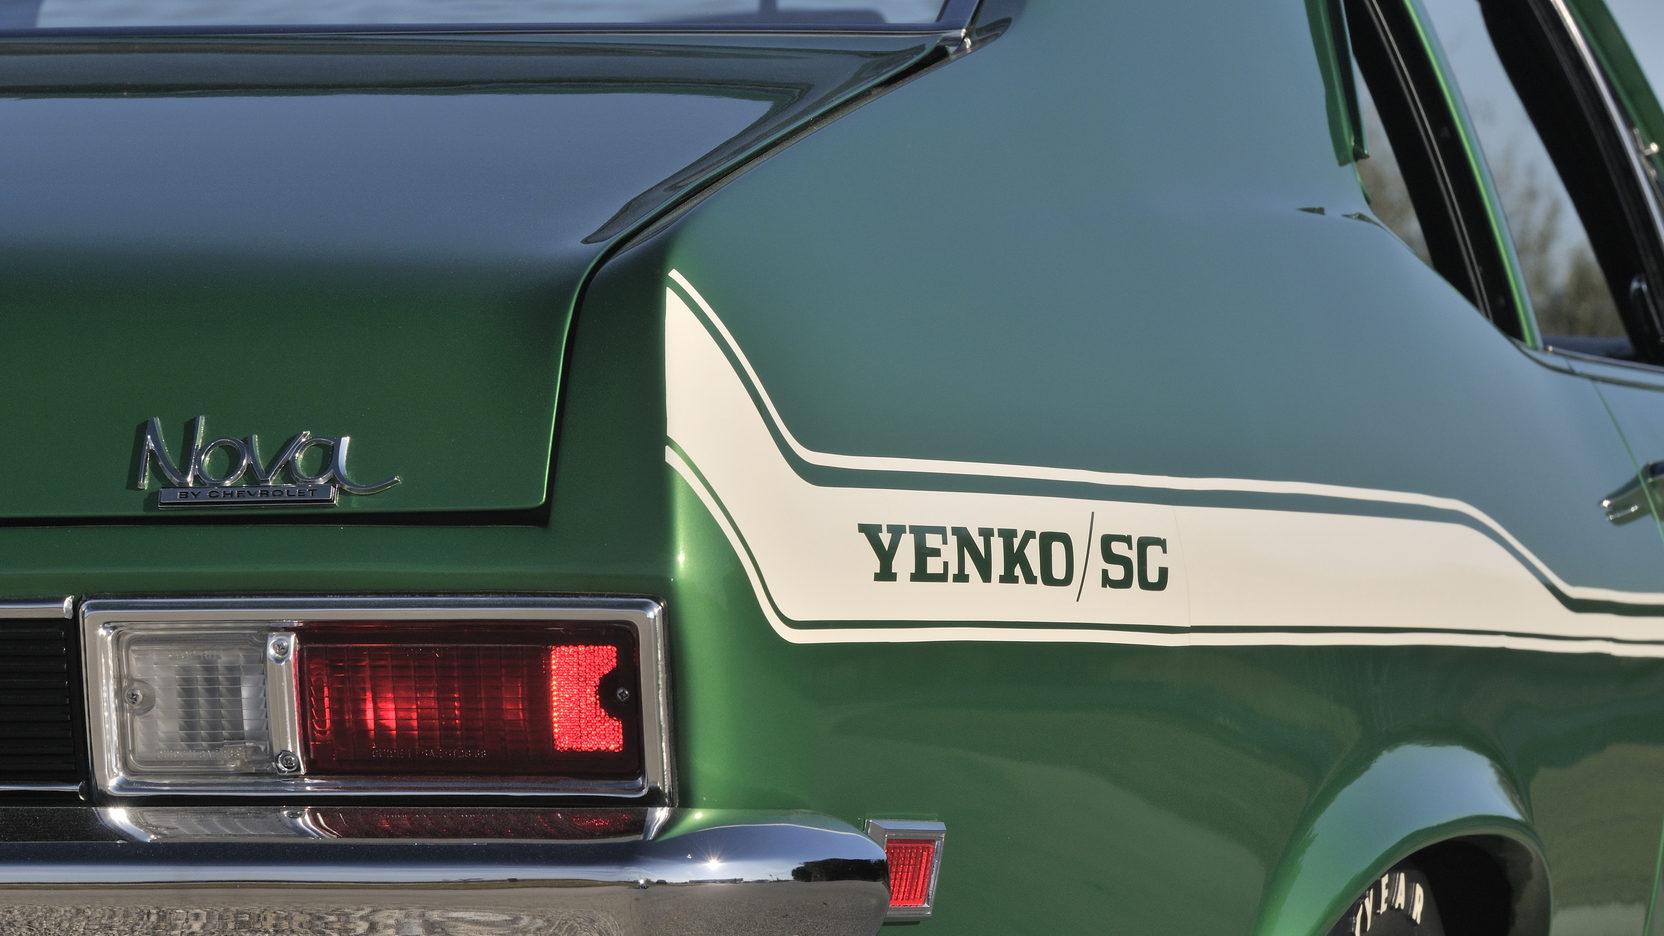 1969 Chevrolet Yenko Nova